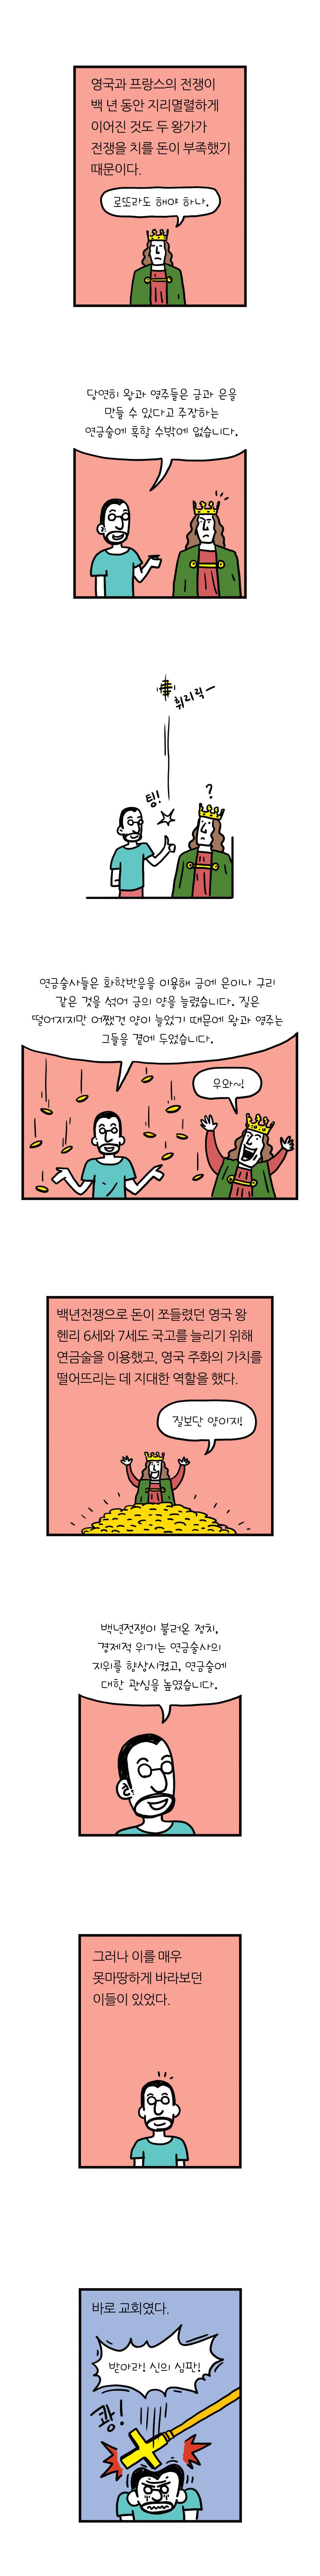 사이언티픽 게이머즈 시즌5 #1 근세가 싹트다: 플래드 테일